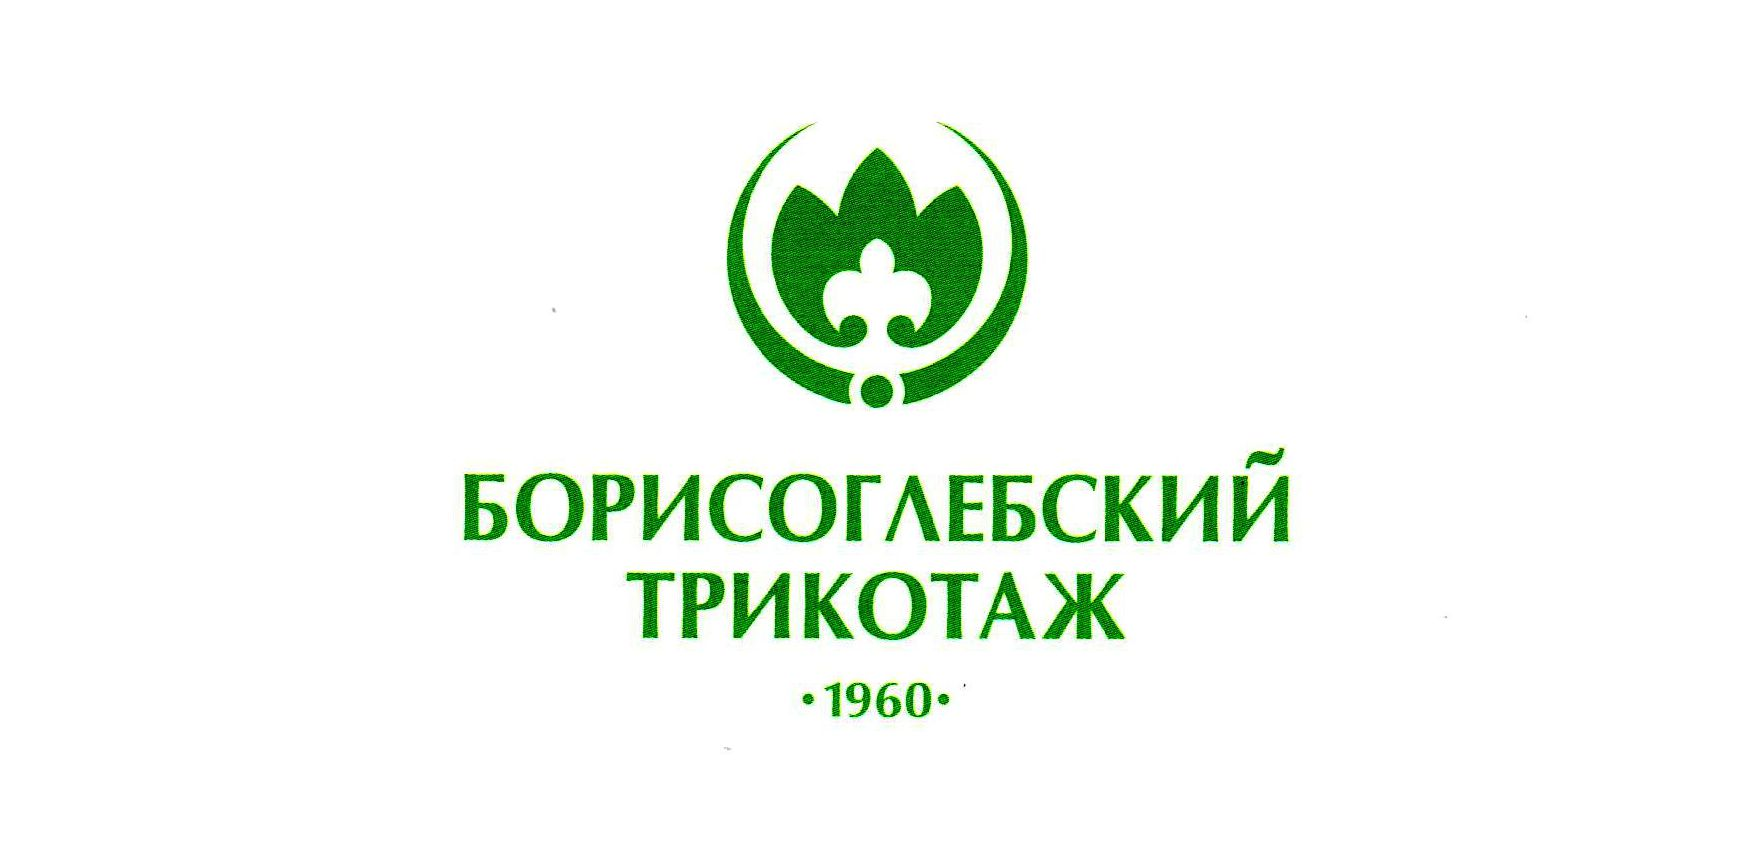 Лого борисоглебский трикотаж